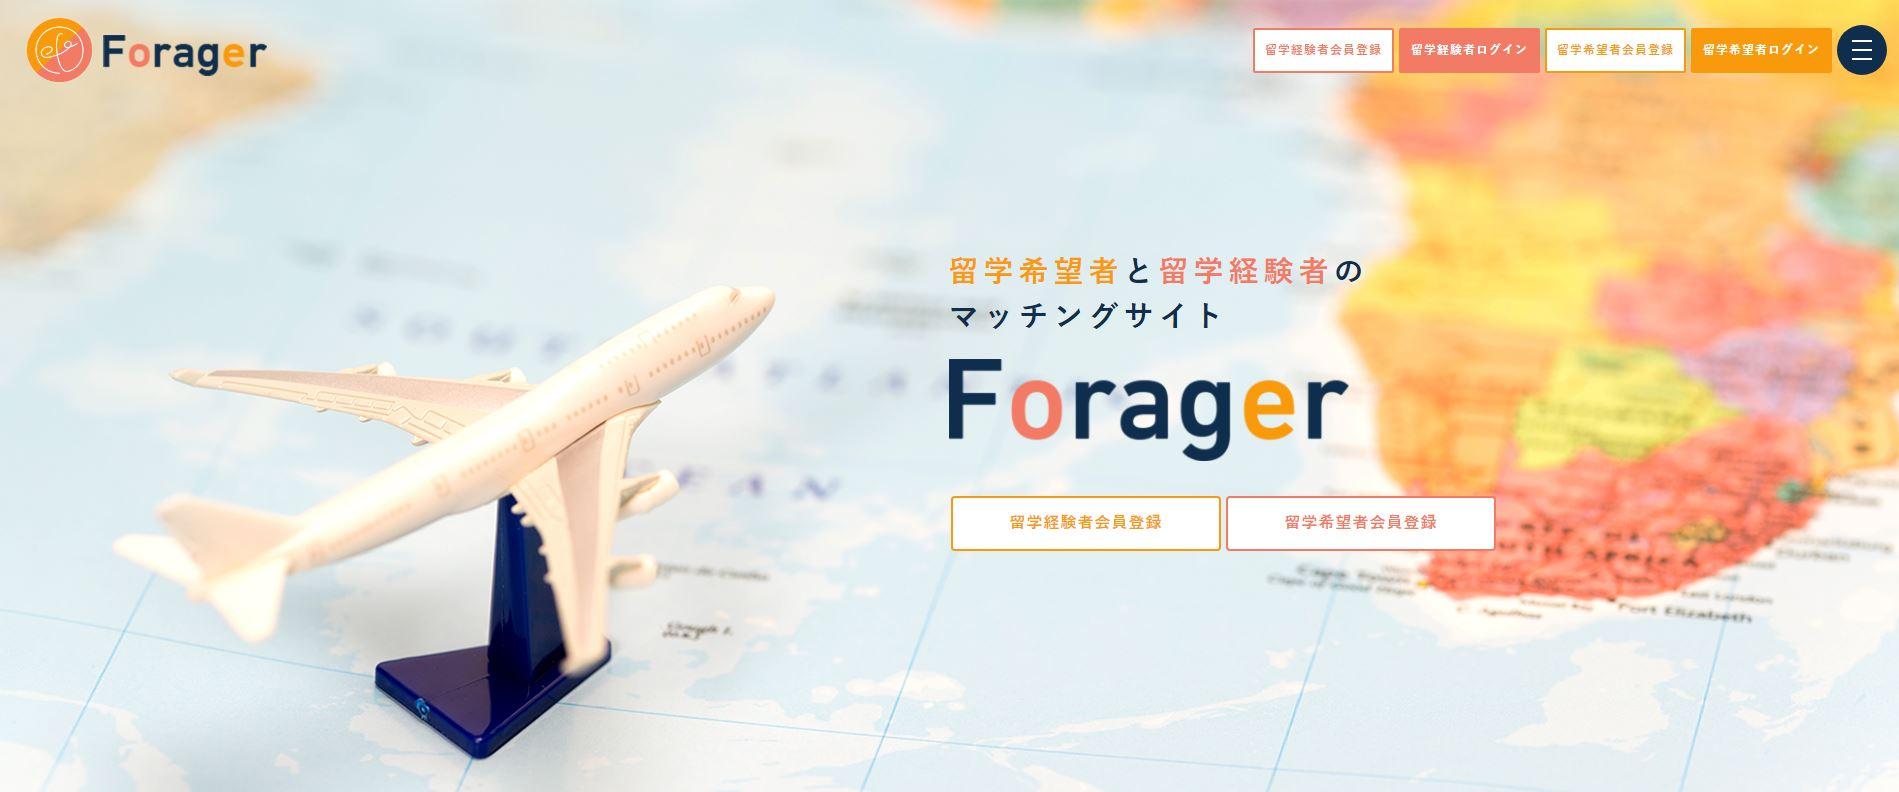 【新サービス公開】留学したい人と留学経験のある人を結ぶ新マッチングサービス「Forager」をリリース